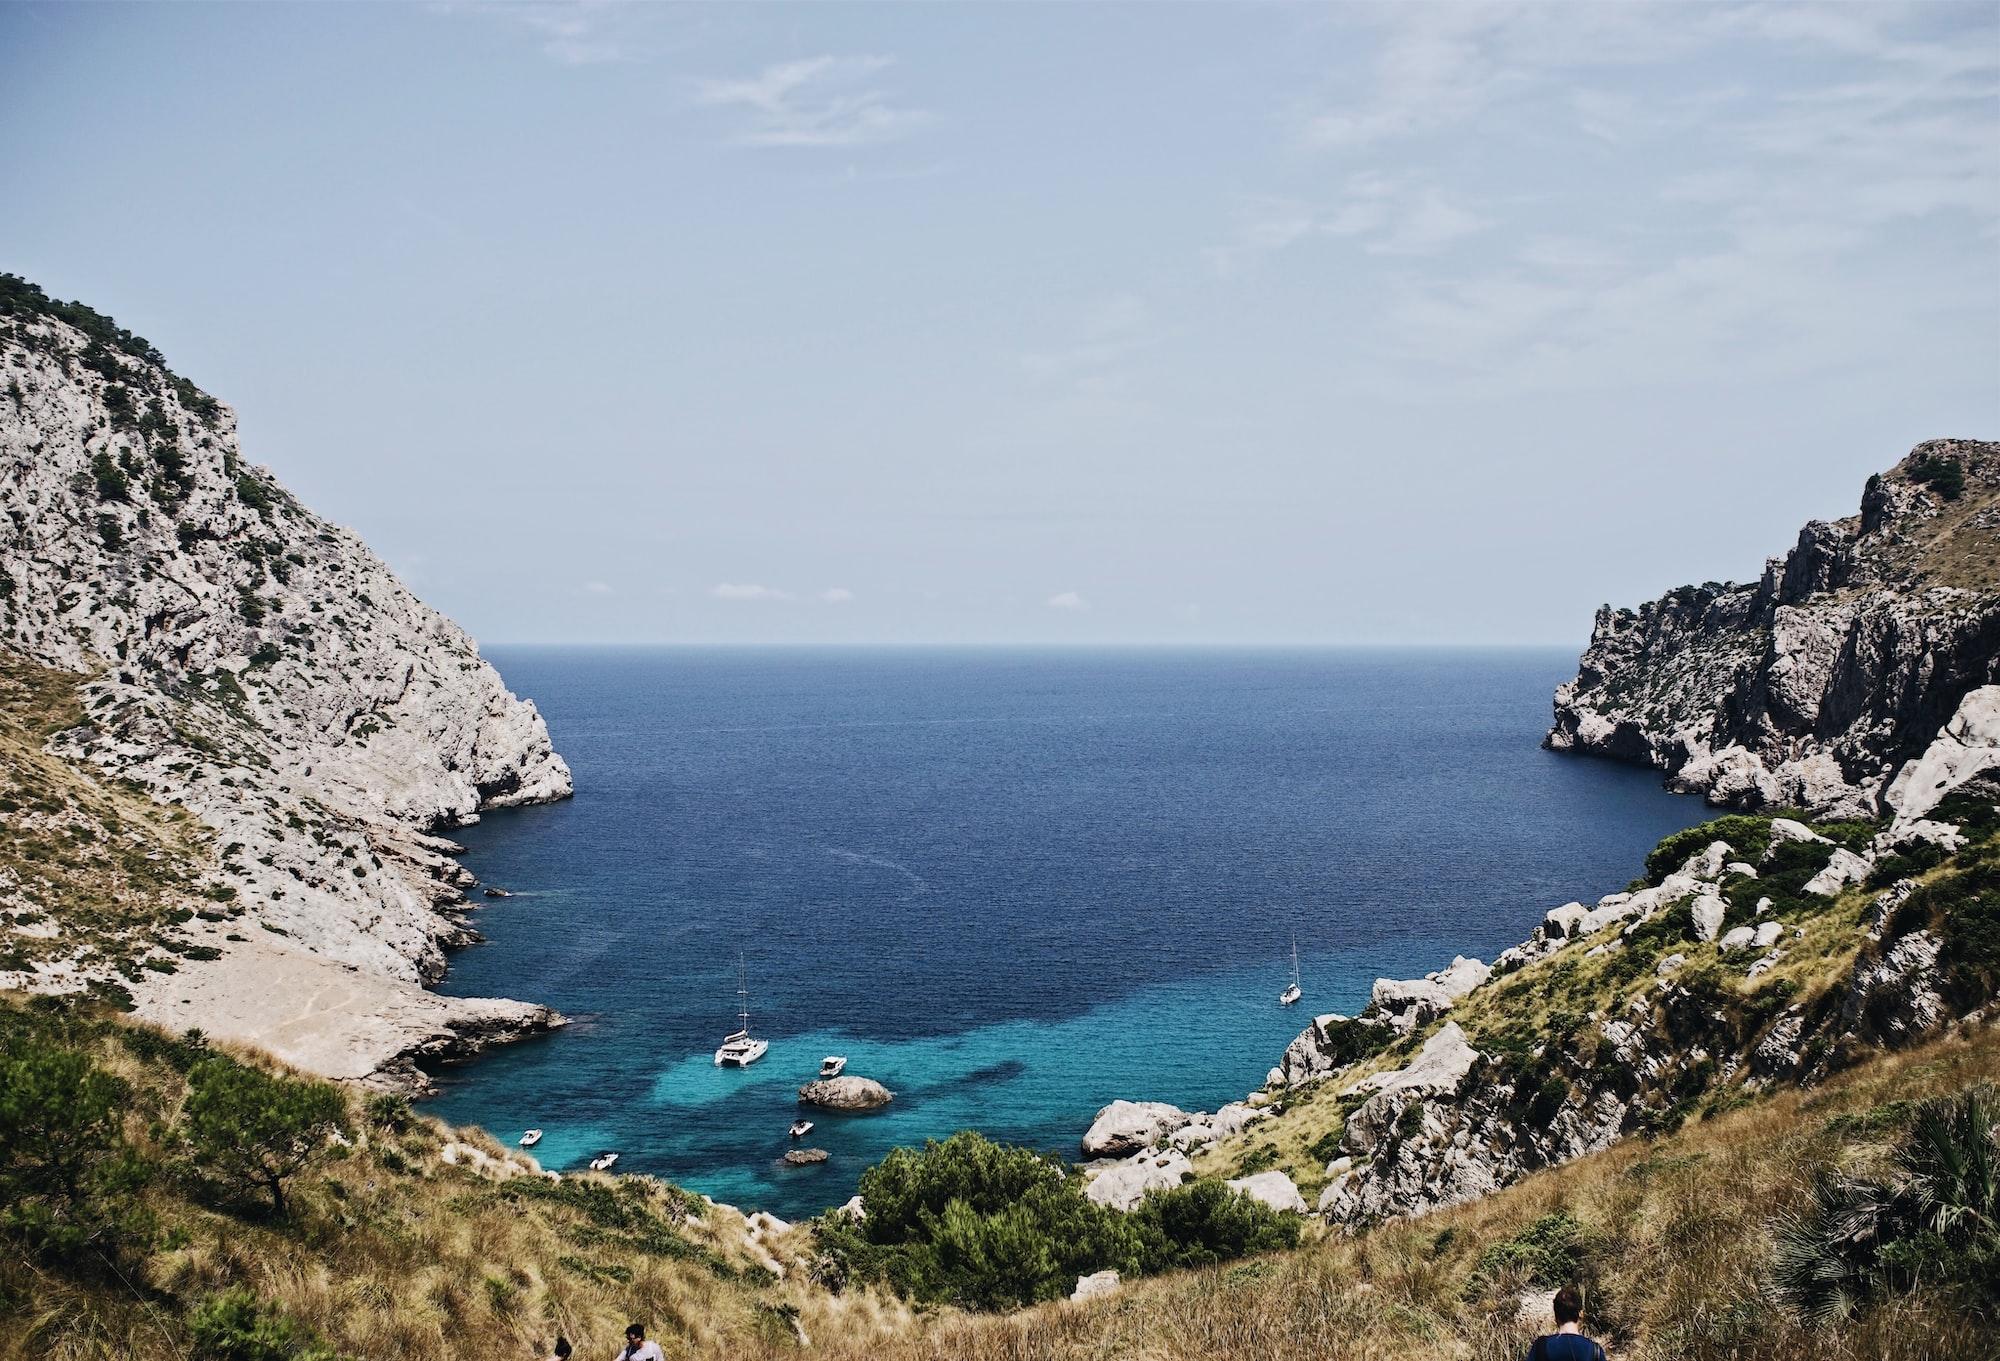 Crique avec la mer et des bateaux à Majorque dans les îles Baléares en Espagne